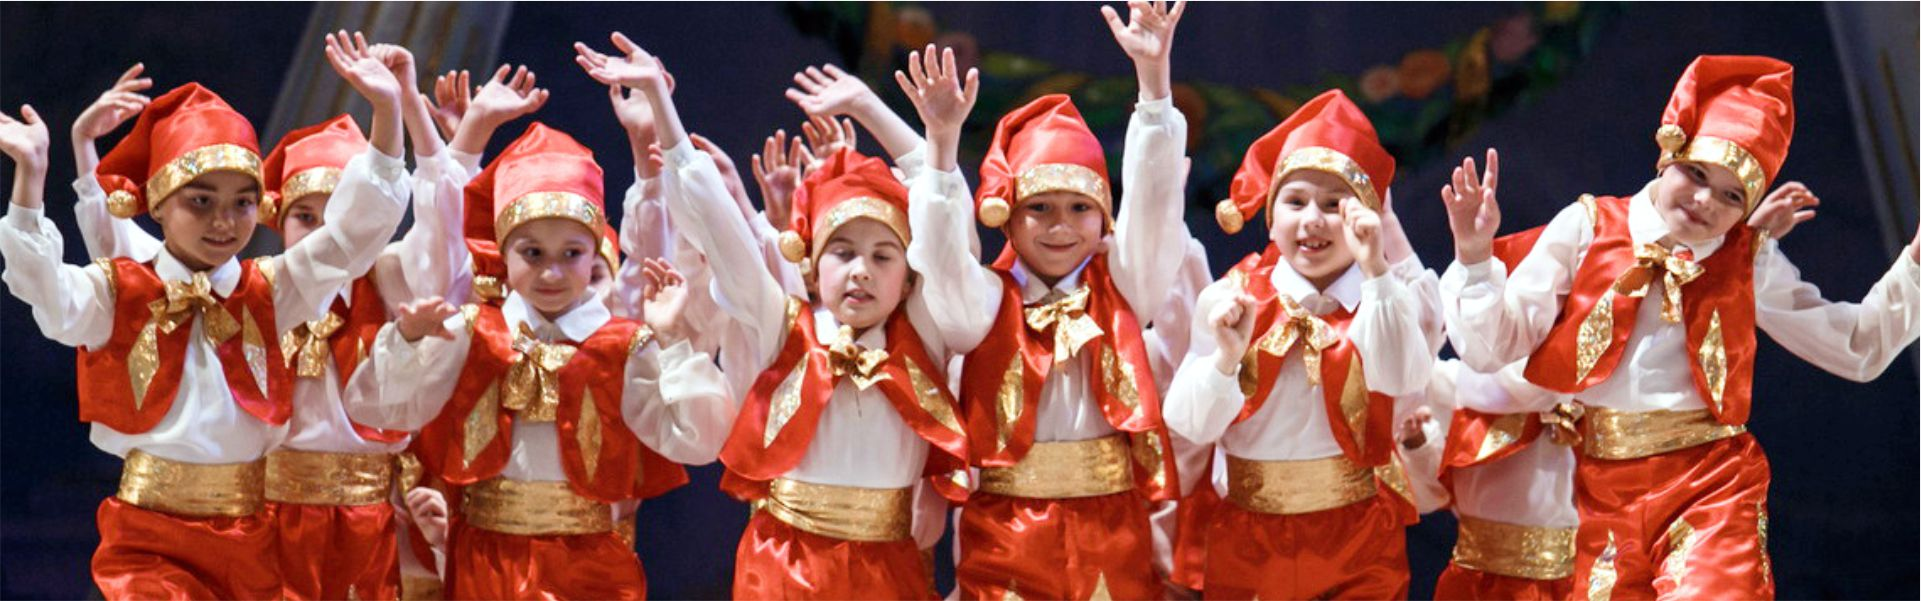 Купить билет онлайн на детское представление Чебоксары на AfishaCheboksary.ru